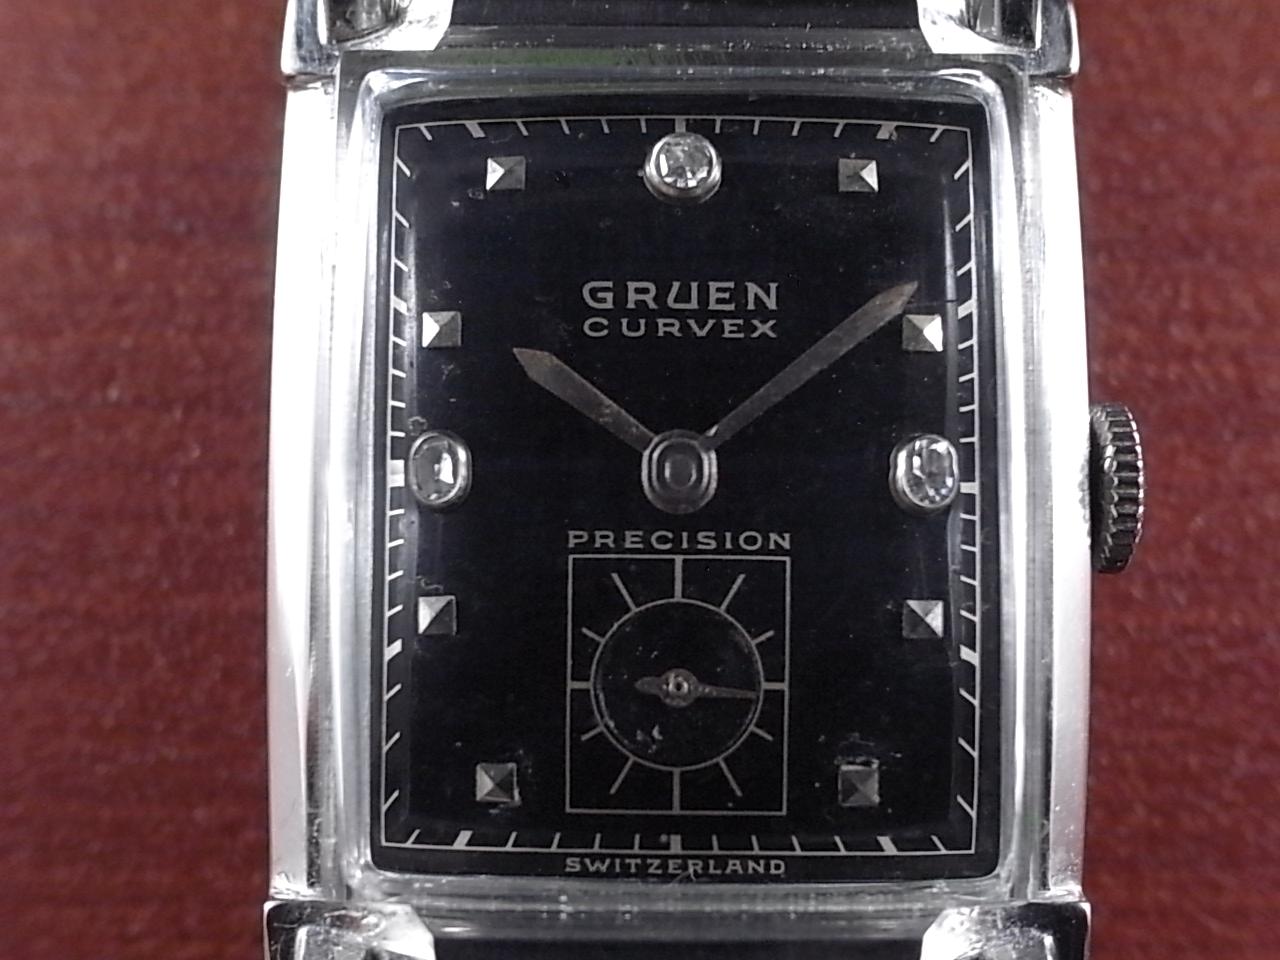 グリュエン カーベックス 14KWG ダイヤモンド Cal.440 1940年代の写真2枚目